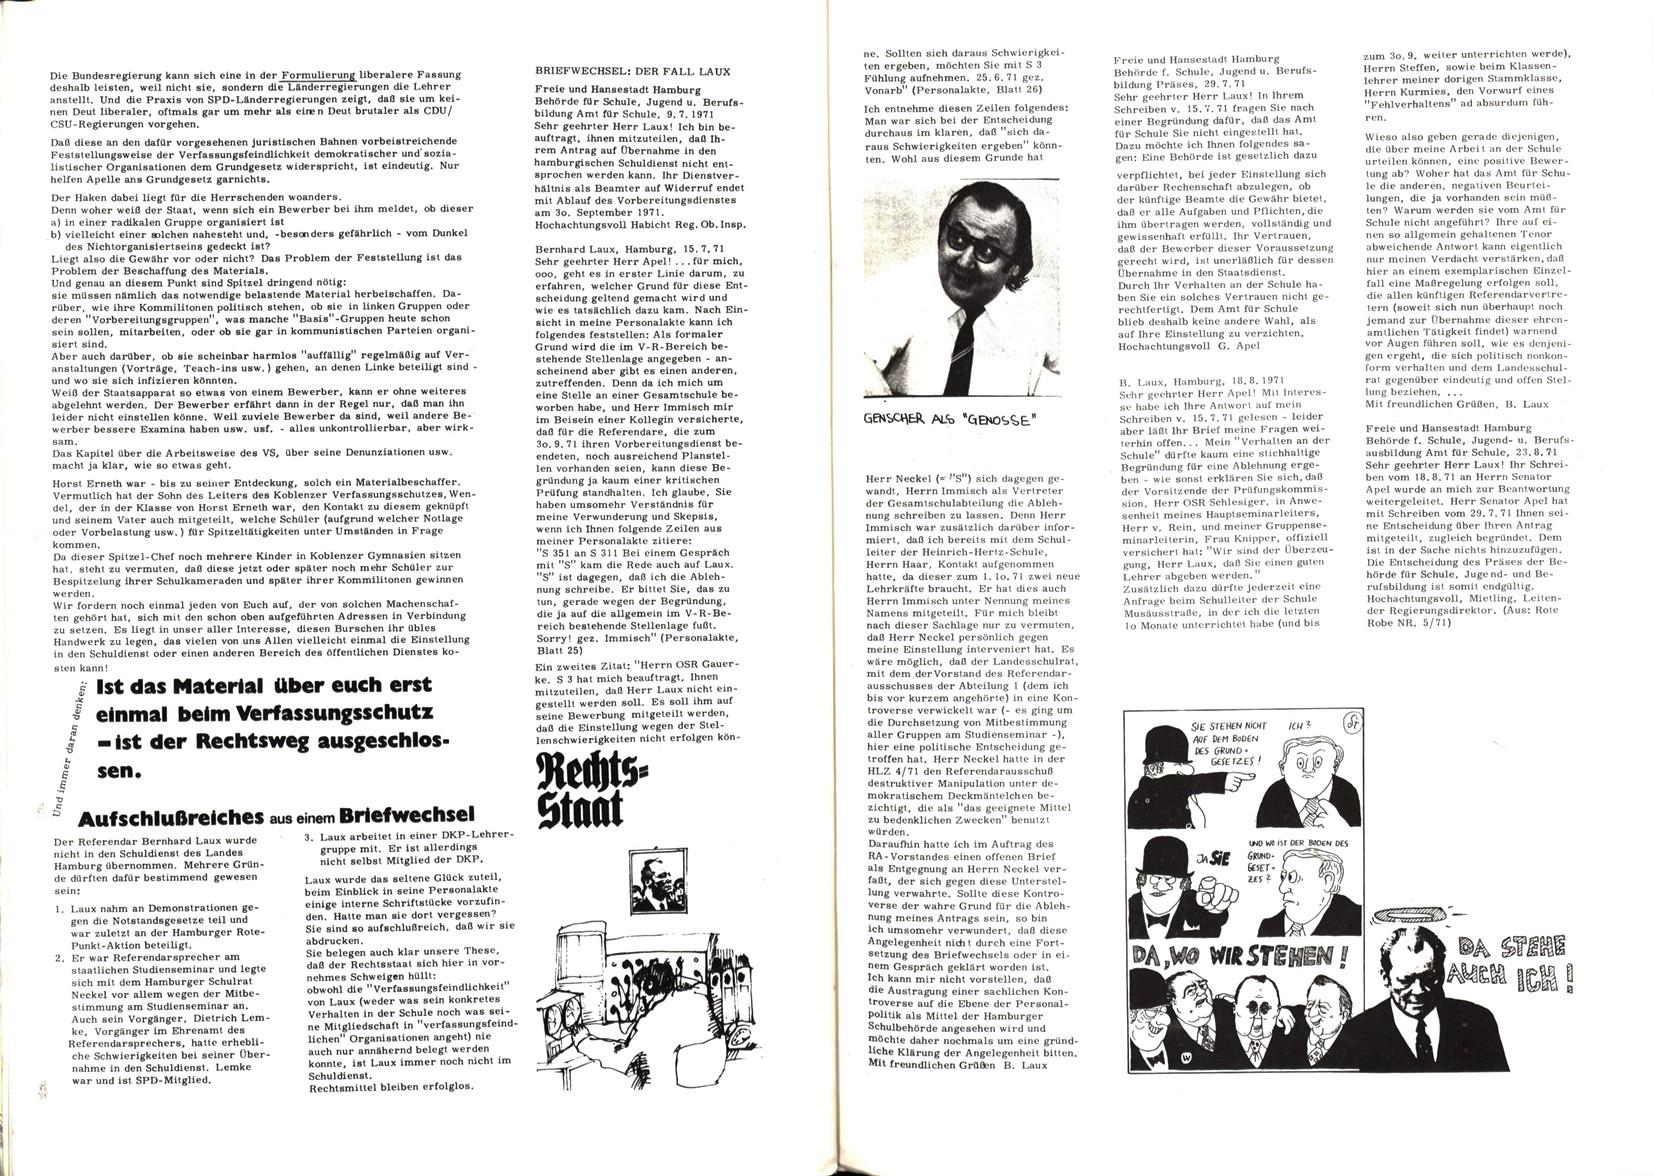 Mainz_VDS_AStA_1972_Staatsfeind_15